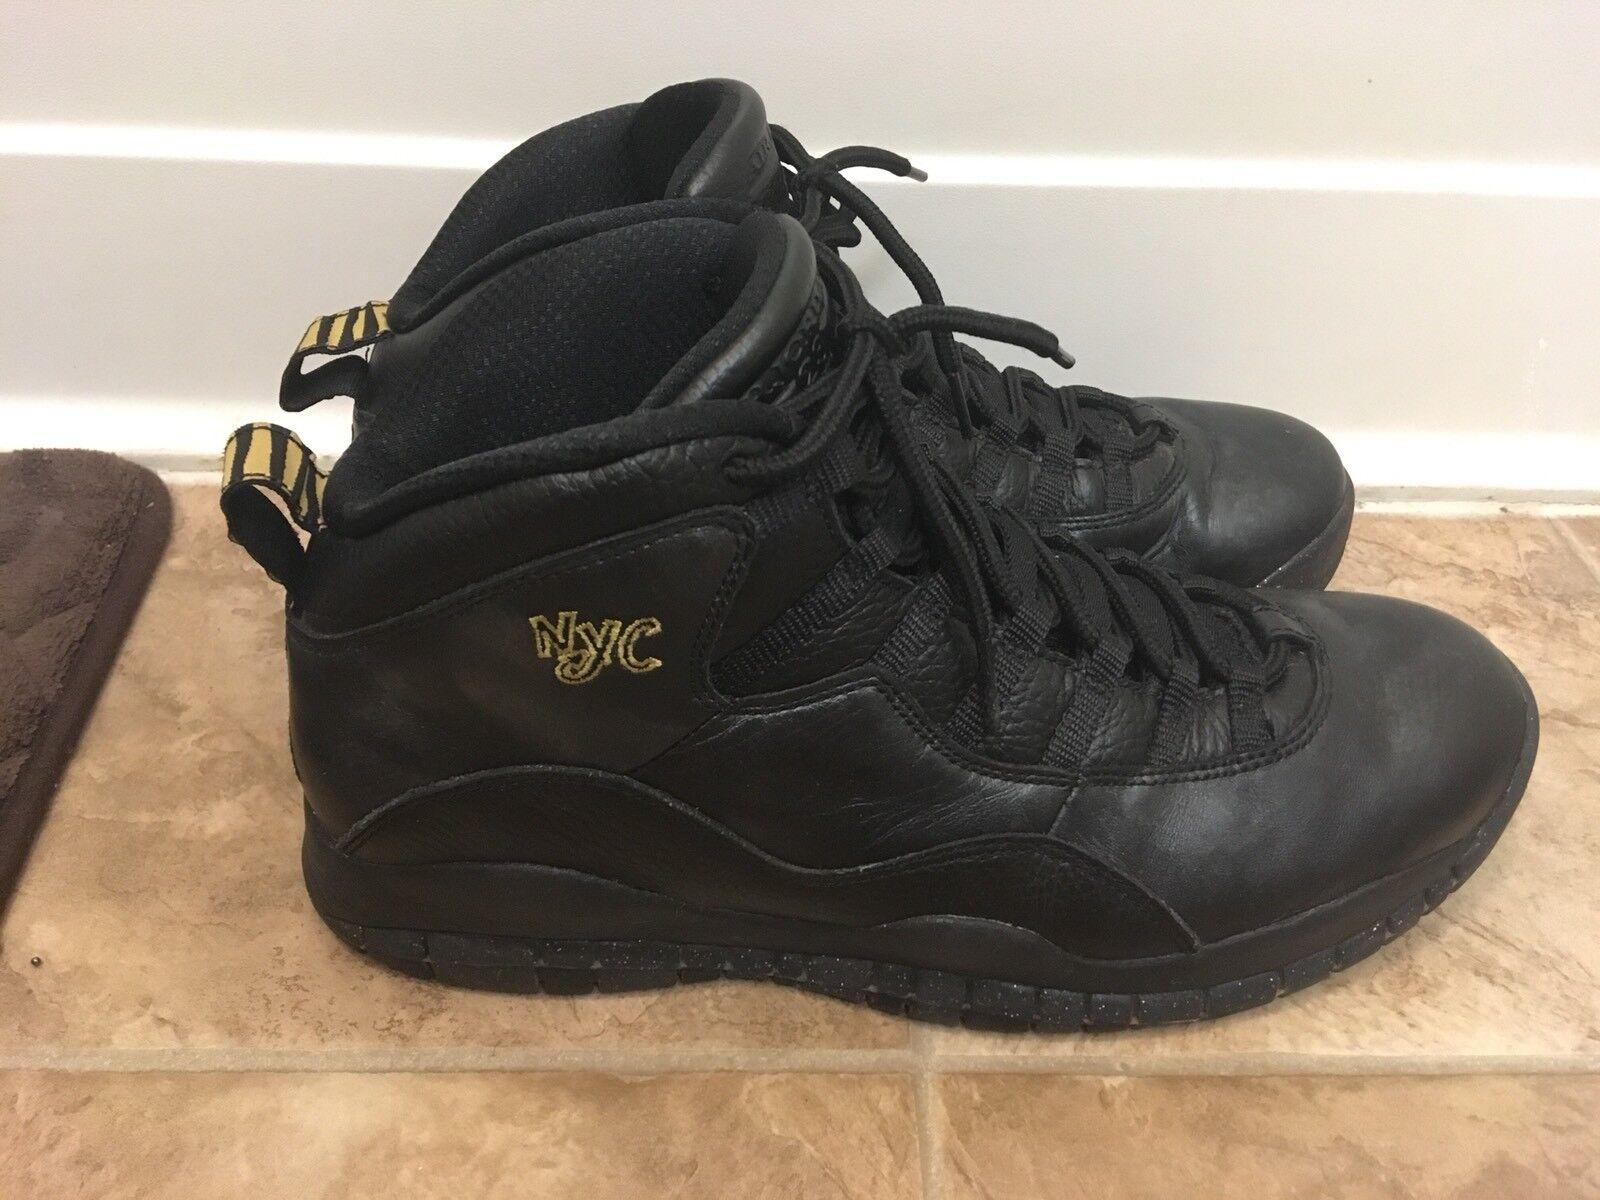 Nike Air Jordan Retro 10 x NYC precios reducción de precios NYC nuevos zapatos para hombres y mujeres, el limitado tiempo de descuento c3d380